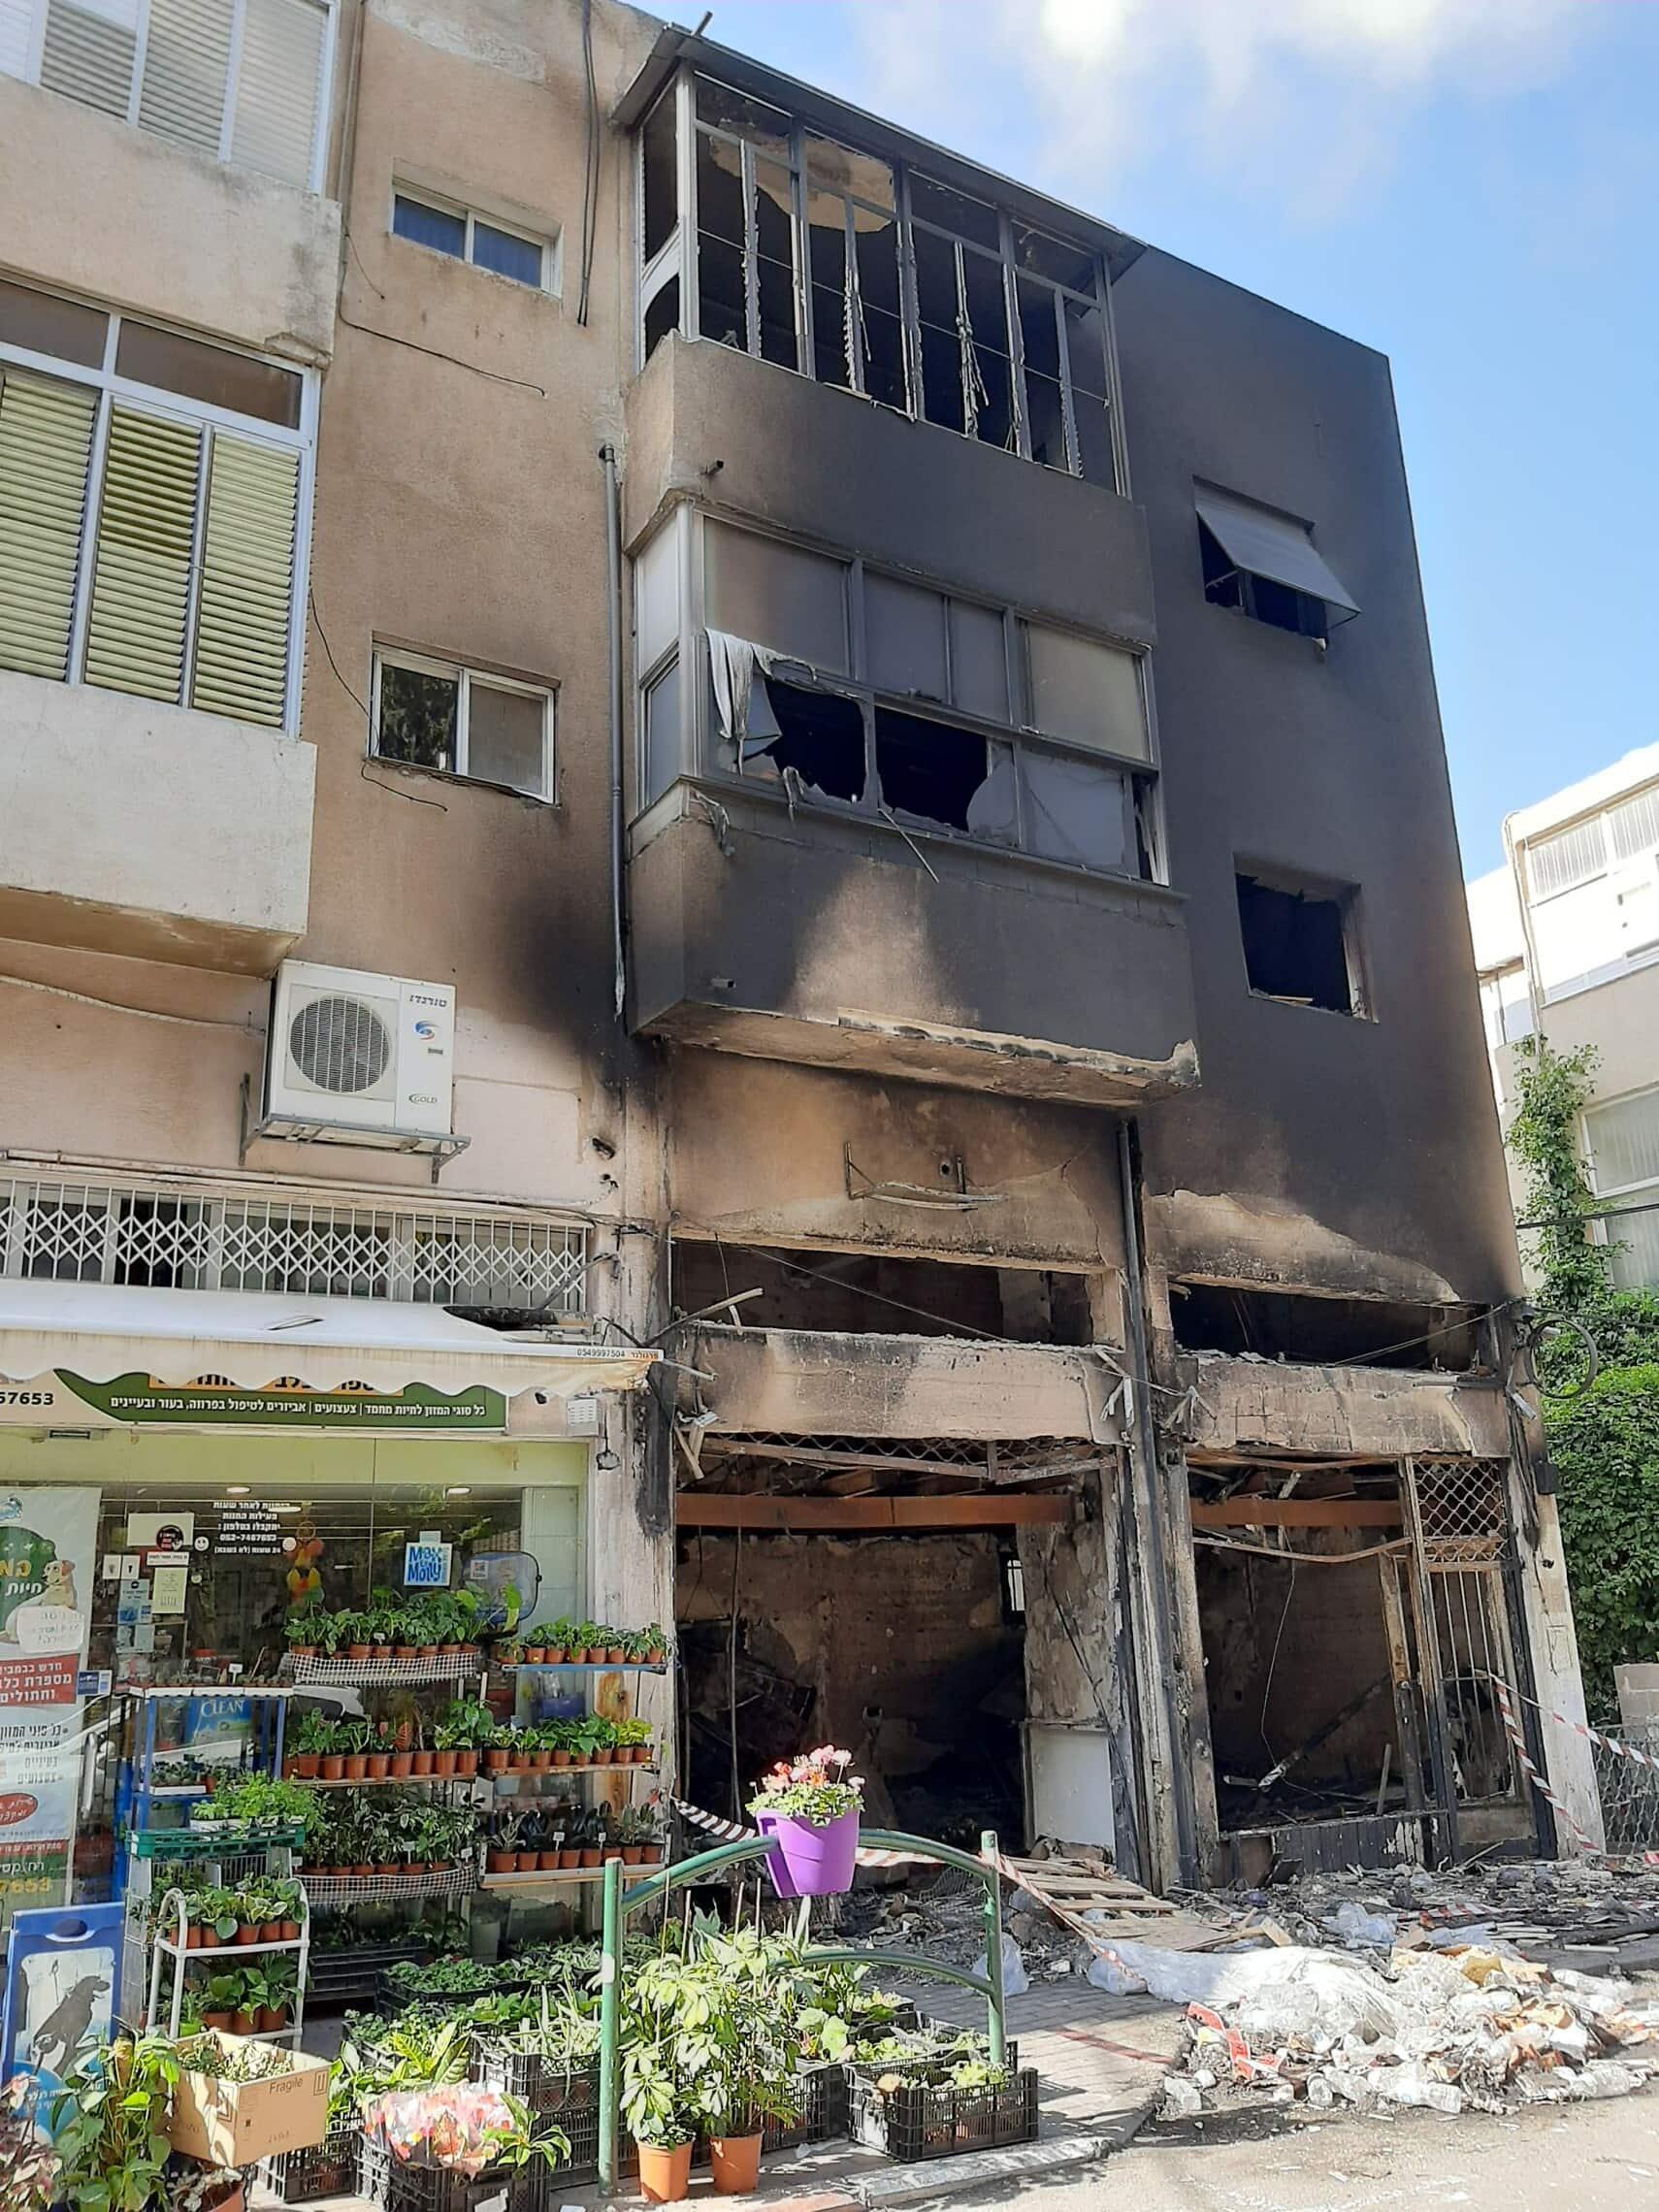 הבניין השרוף ברחוב מסדה